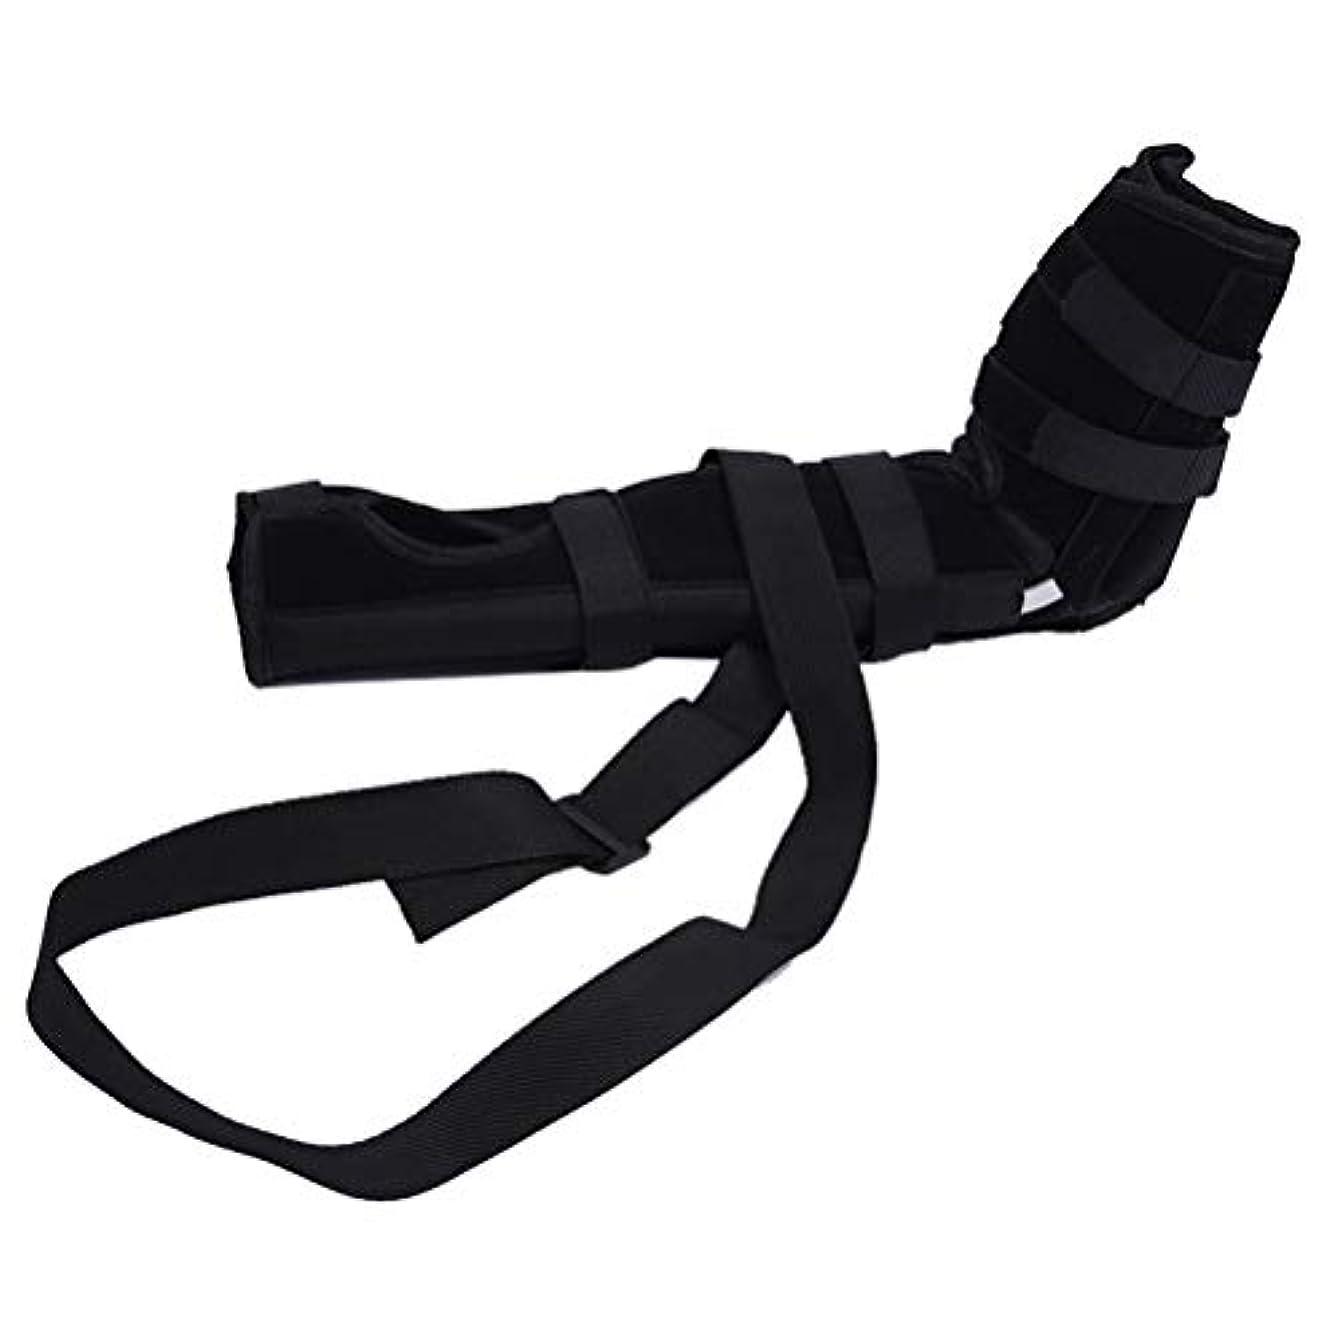 軽く側パットSUPVOX 肘ブレース 関節サポート アームリーダー 保護 固定 腕つり 関節 保護 男女兼用 調節可能 通気性 術後ケアブレース(ブラック サイズL)